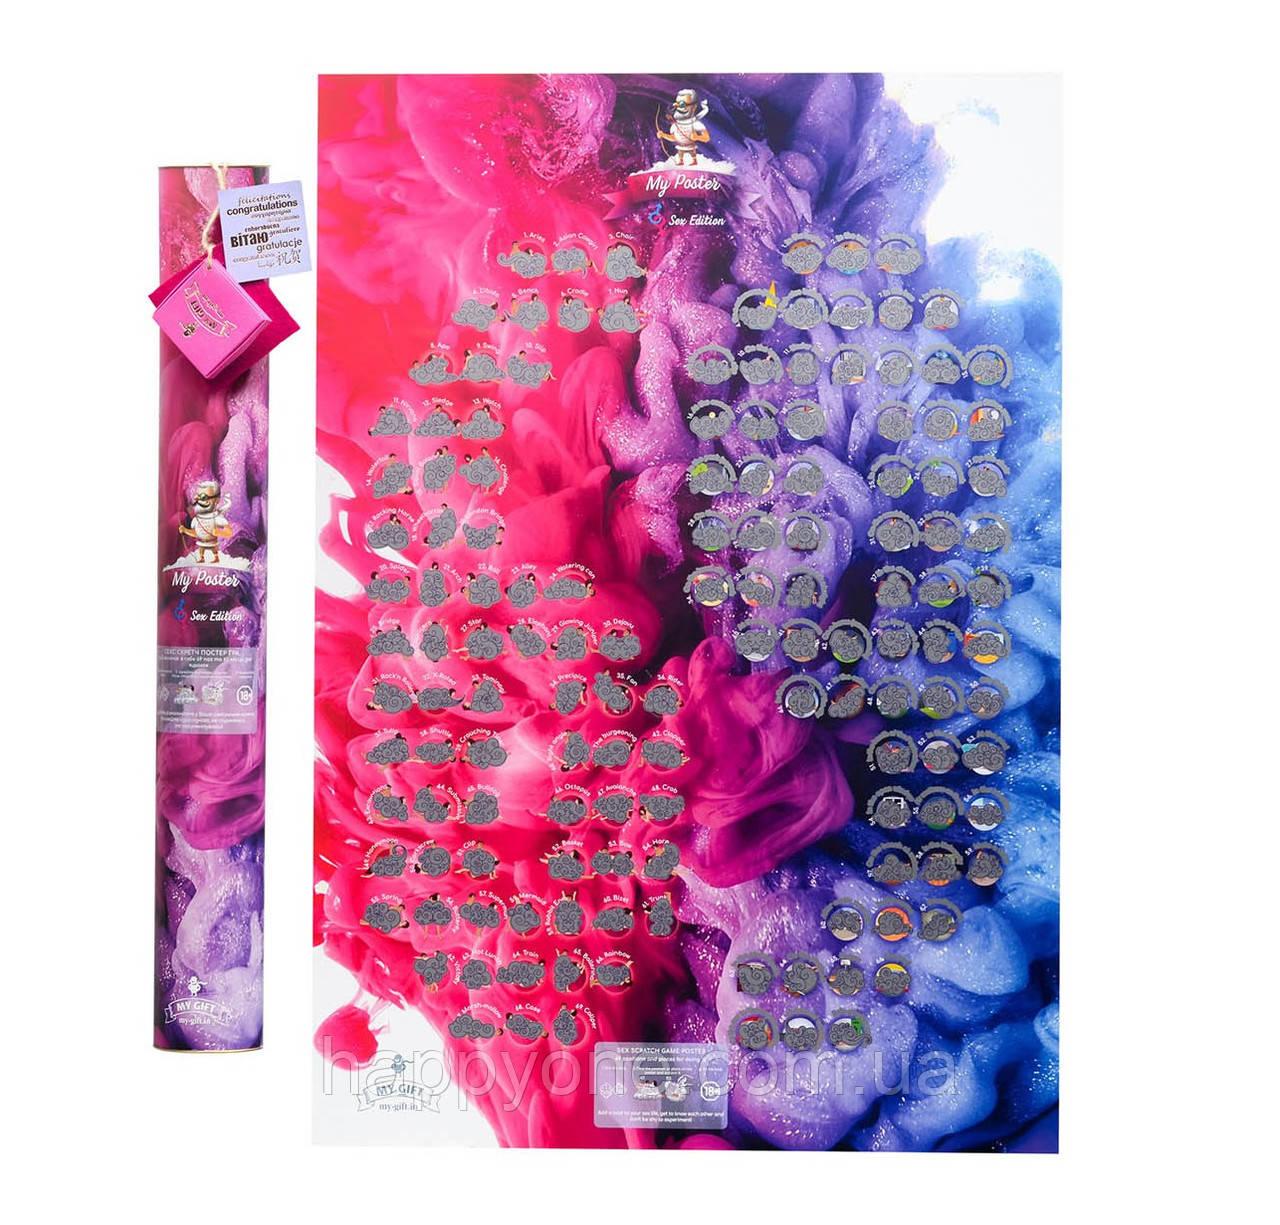 Скретч постер игра My Poster Sex edition (английский язык) в тубусе